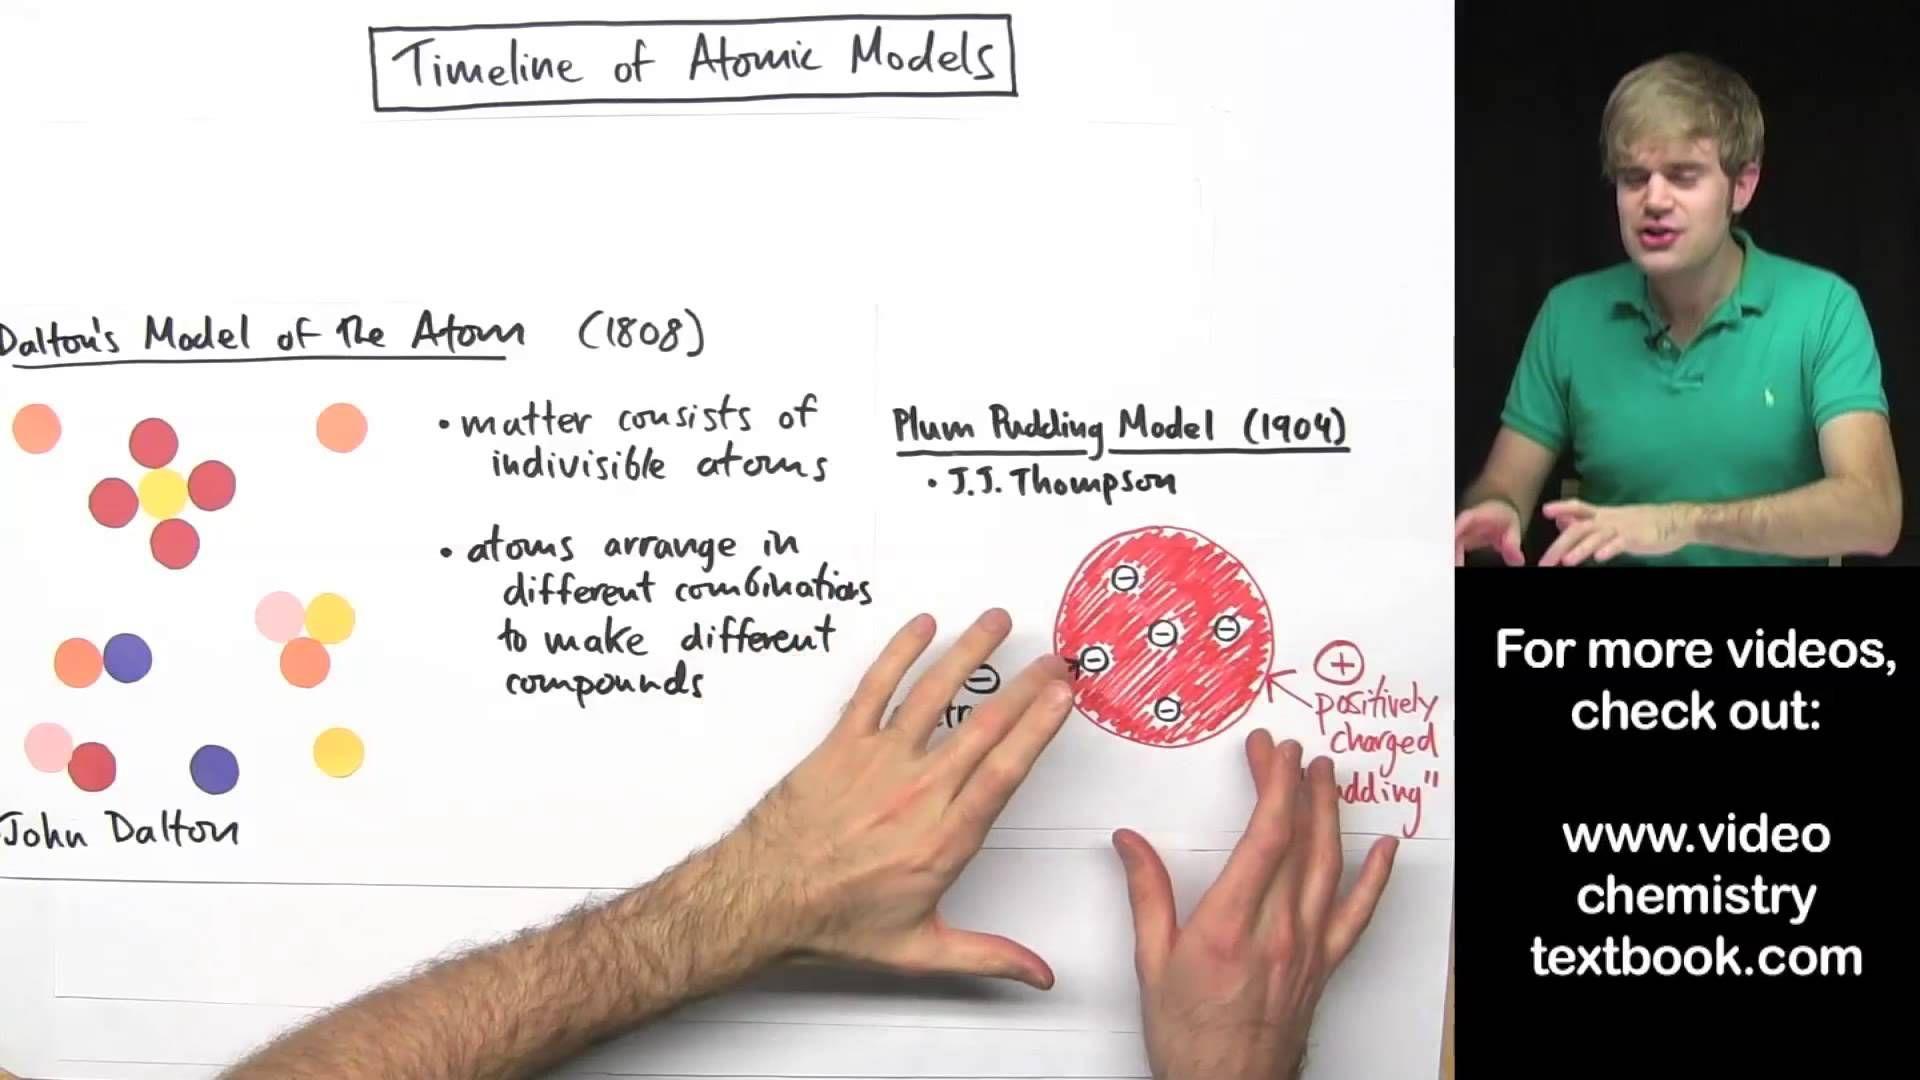 Models Of The Atom Timeline